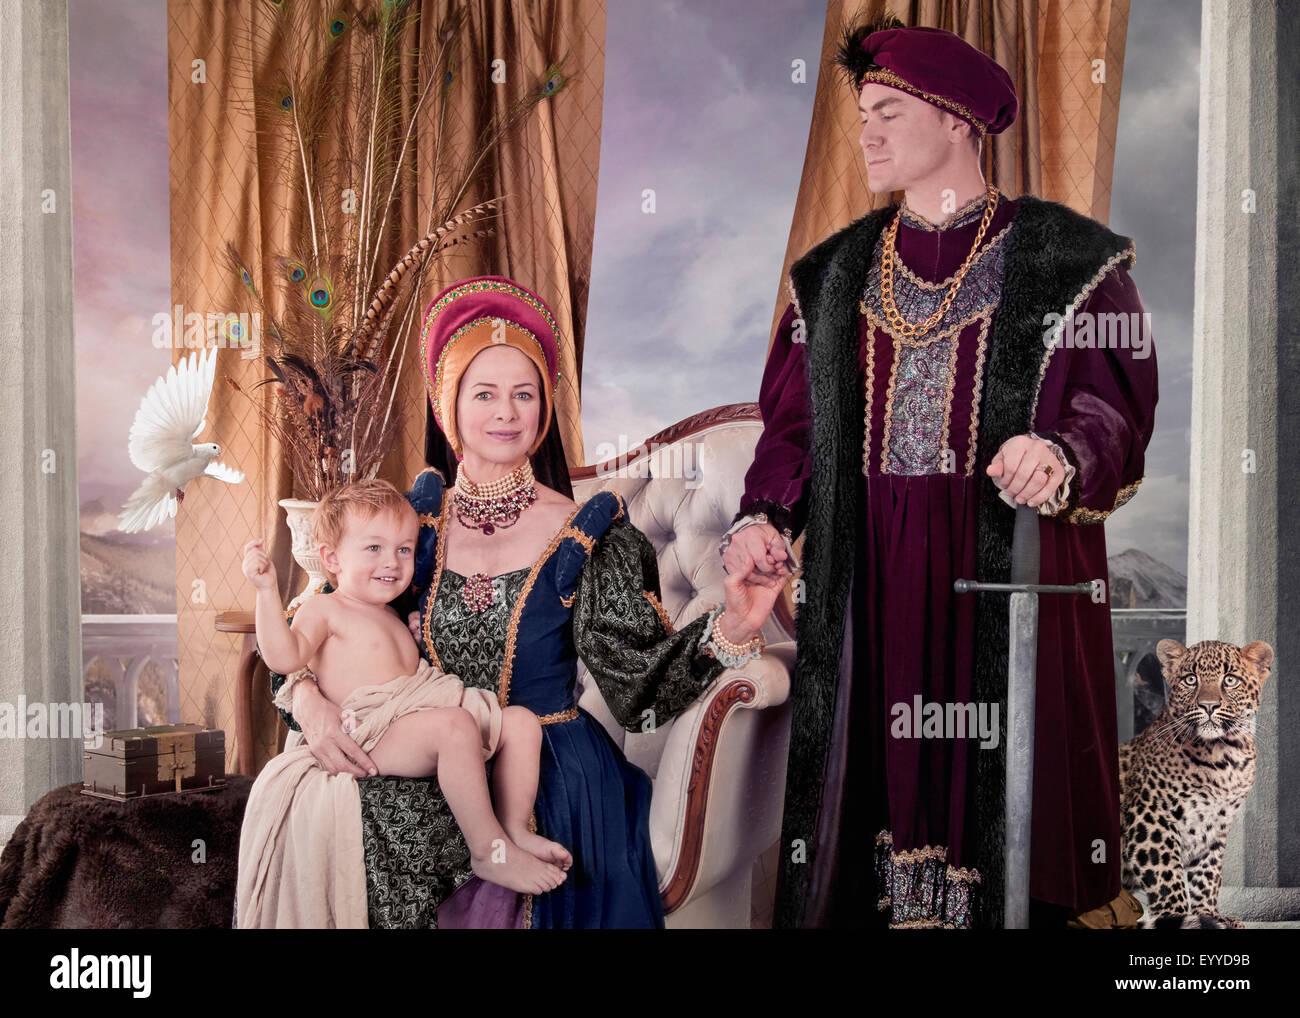 Pareja medieval y niño posando en el salón Foto de stock